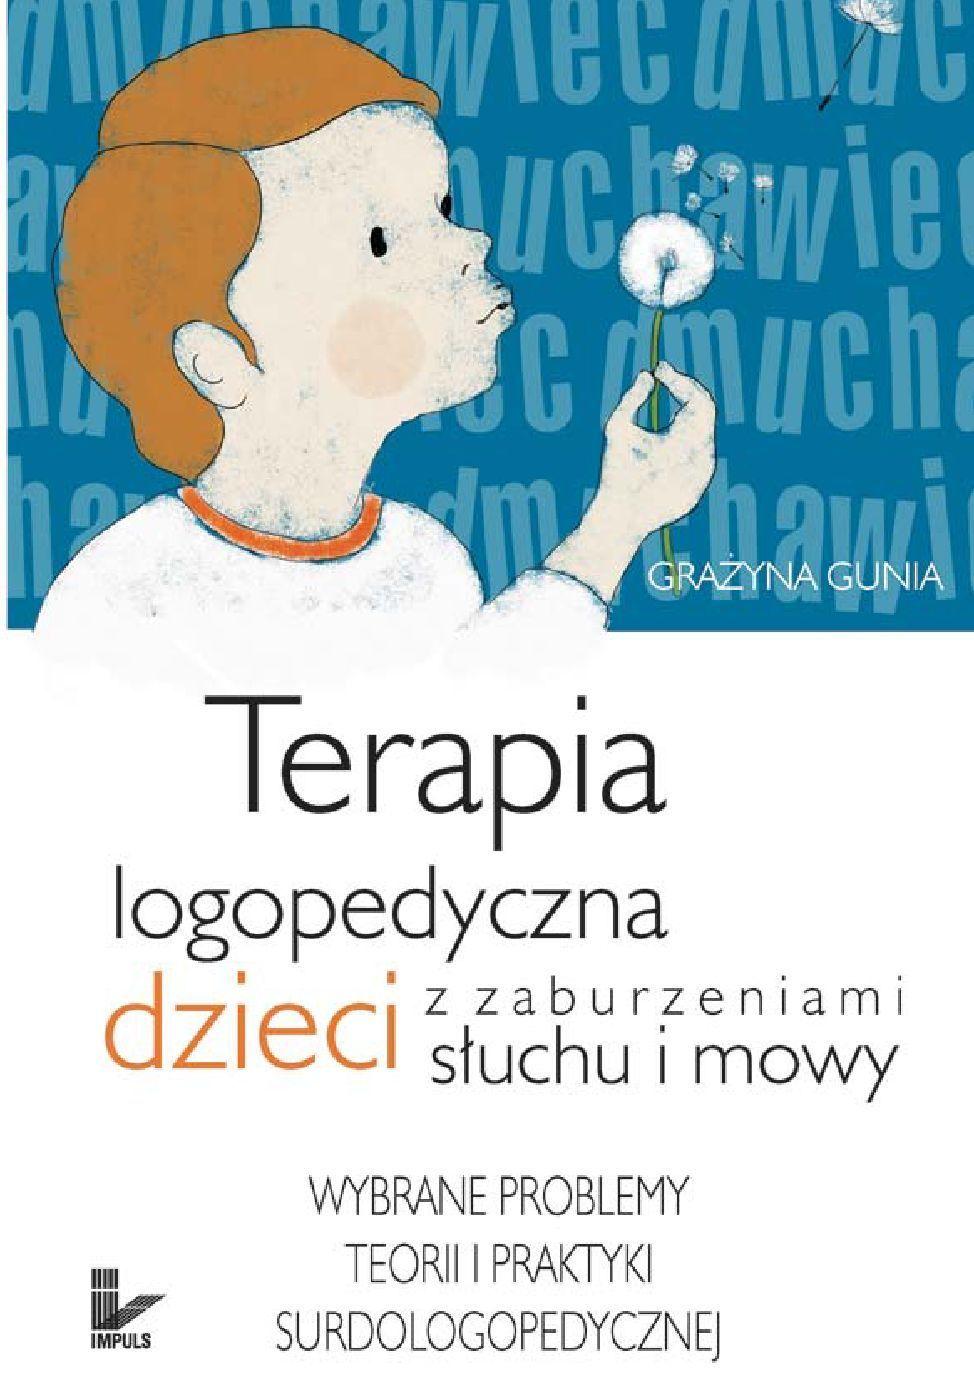 Terapia logopedyczna dzieci z zaburzeniami słuchu i mowy - Ebook (Książka EPUB) do pobrania w formacie EPUB